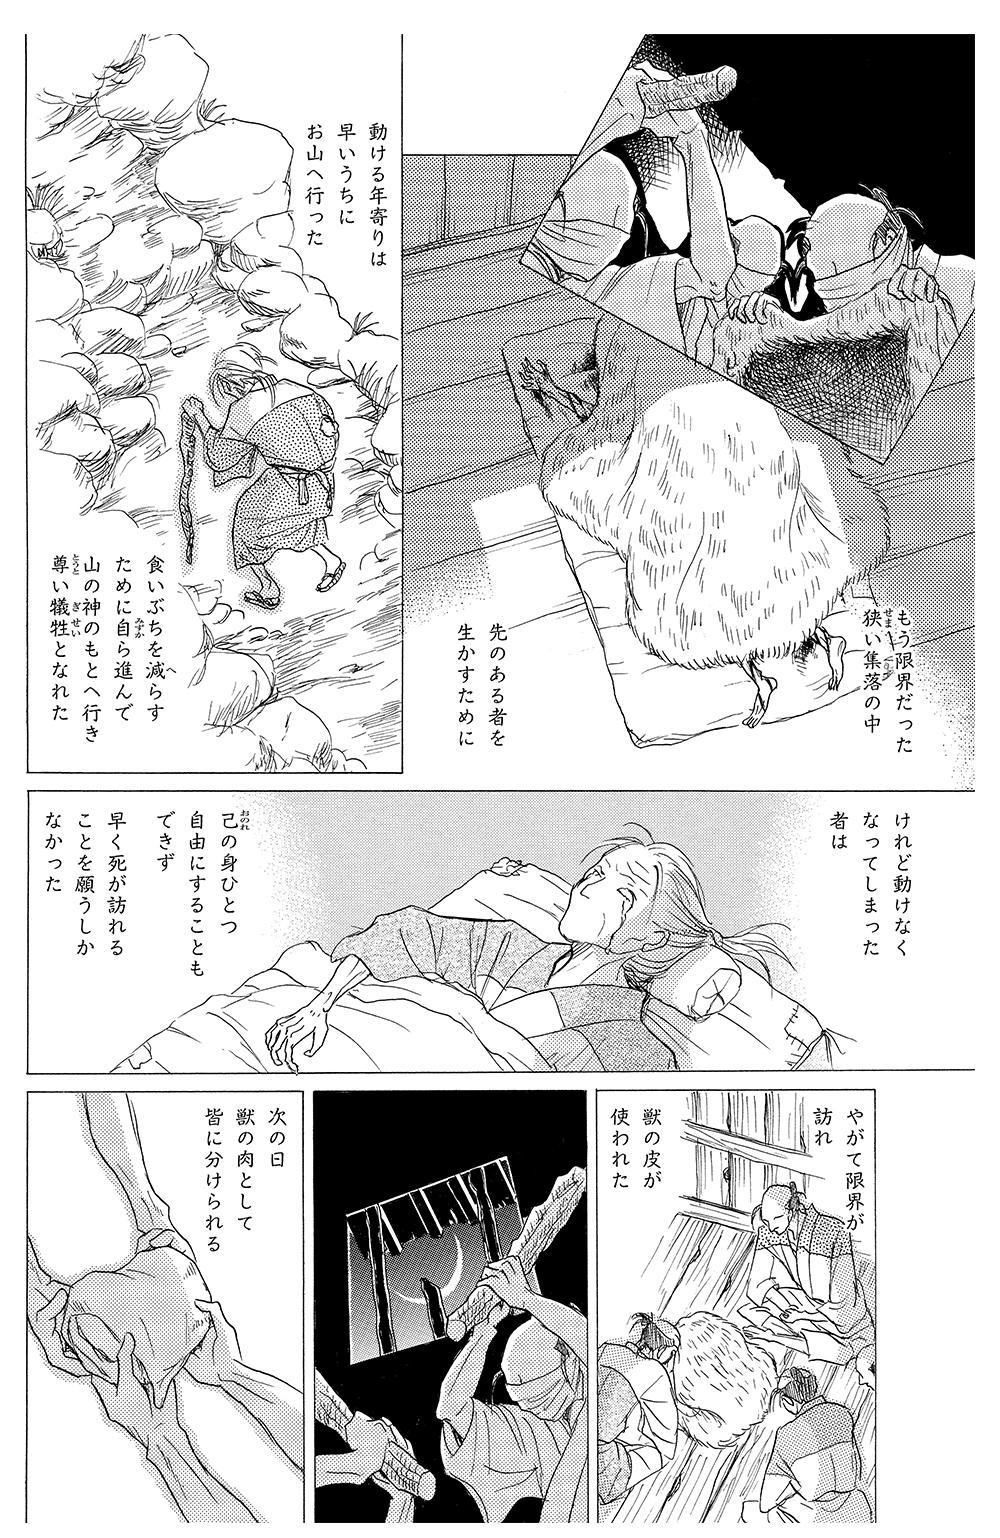 伊集院月丸の残念な霊能稼業 第1話「獣の皮」②ijuin-2-01.jpg